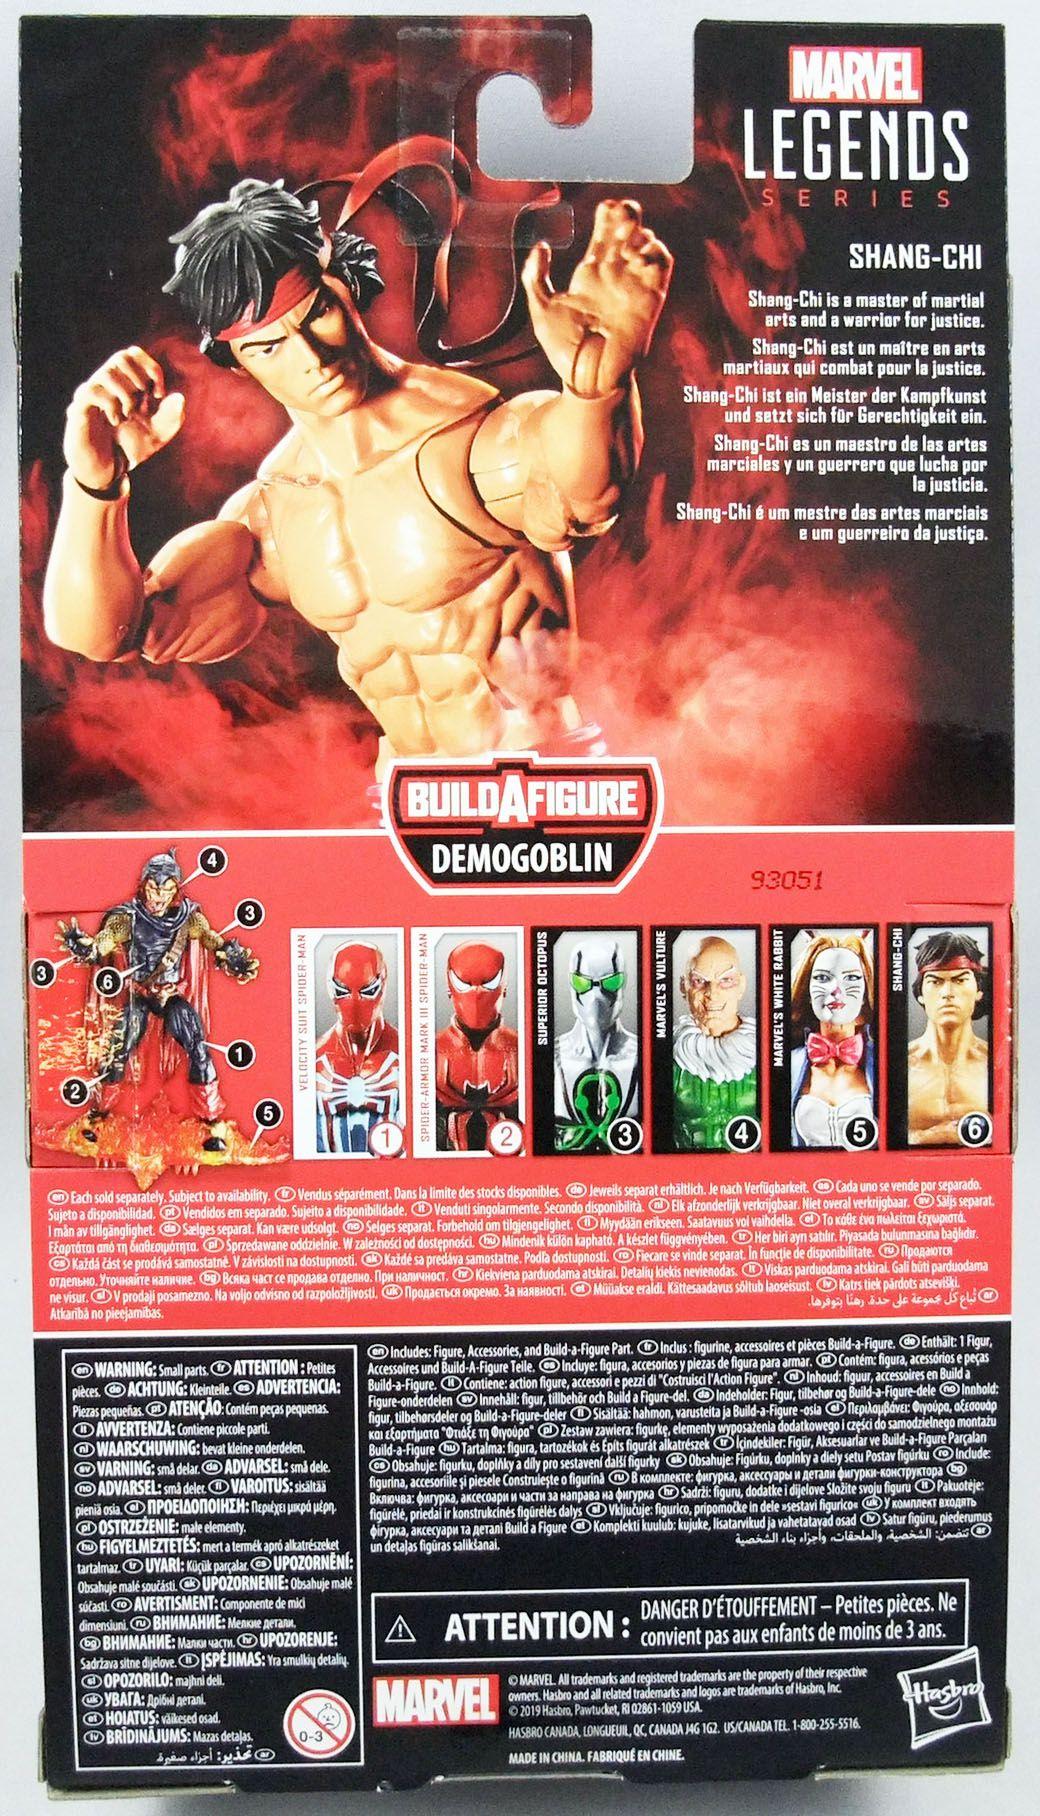 Marvel Legends - Shang-Chi Master of Kung Fu - Serie Hasbro (Demogoblin)